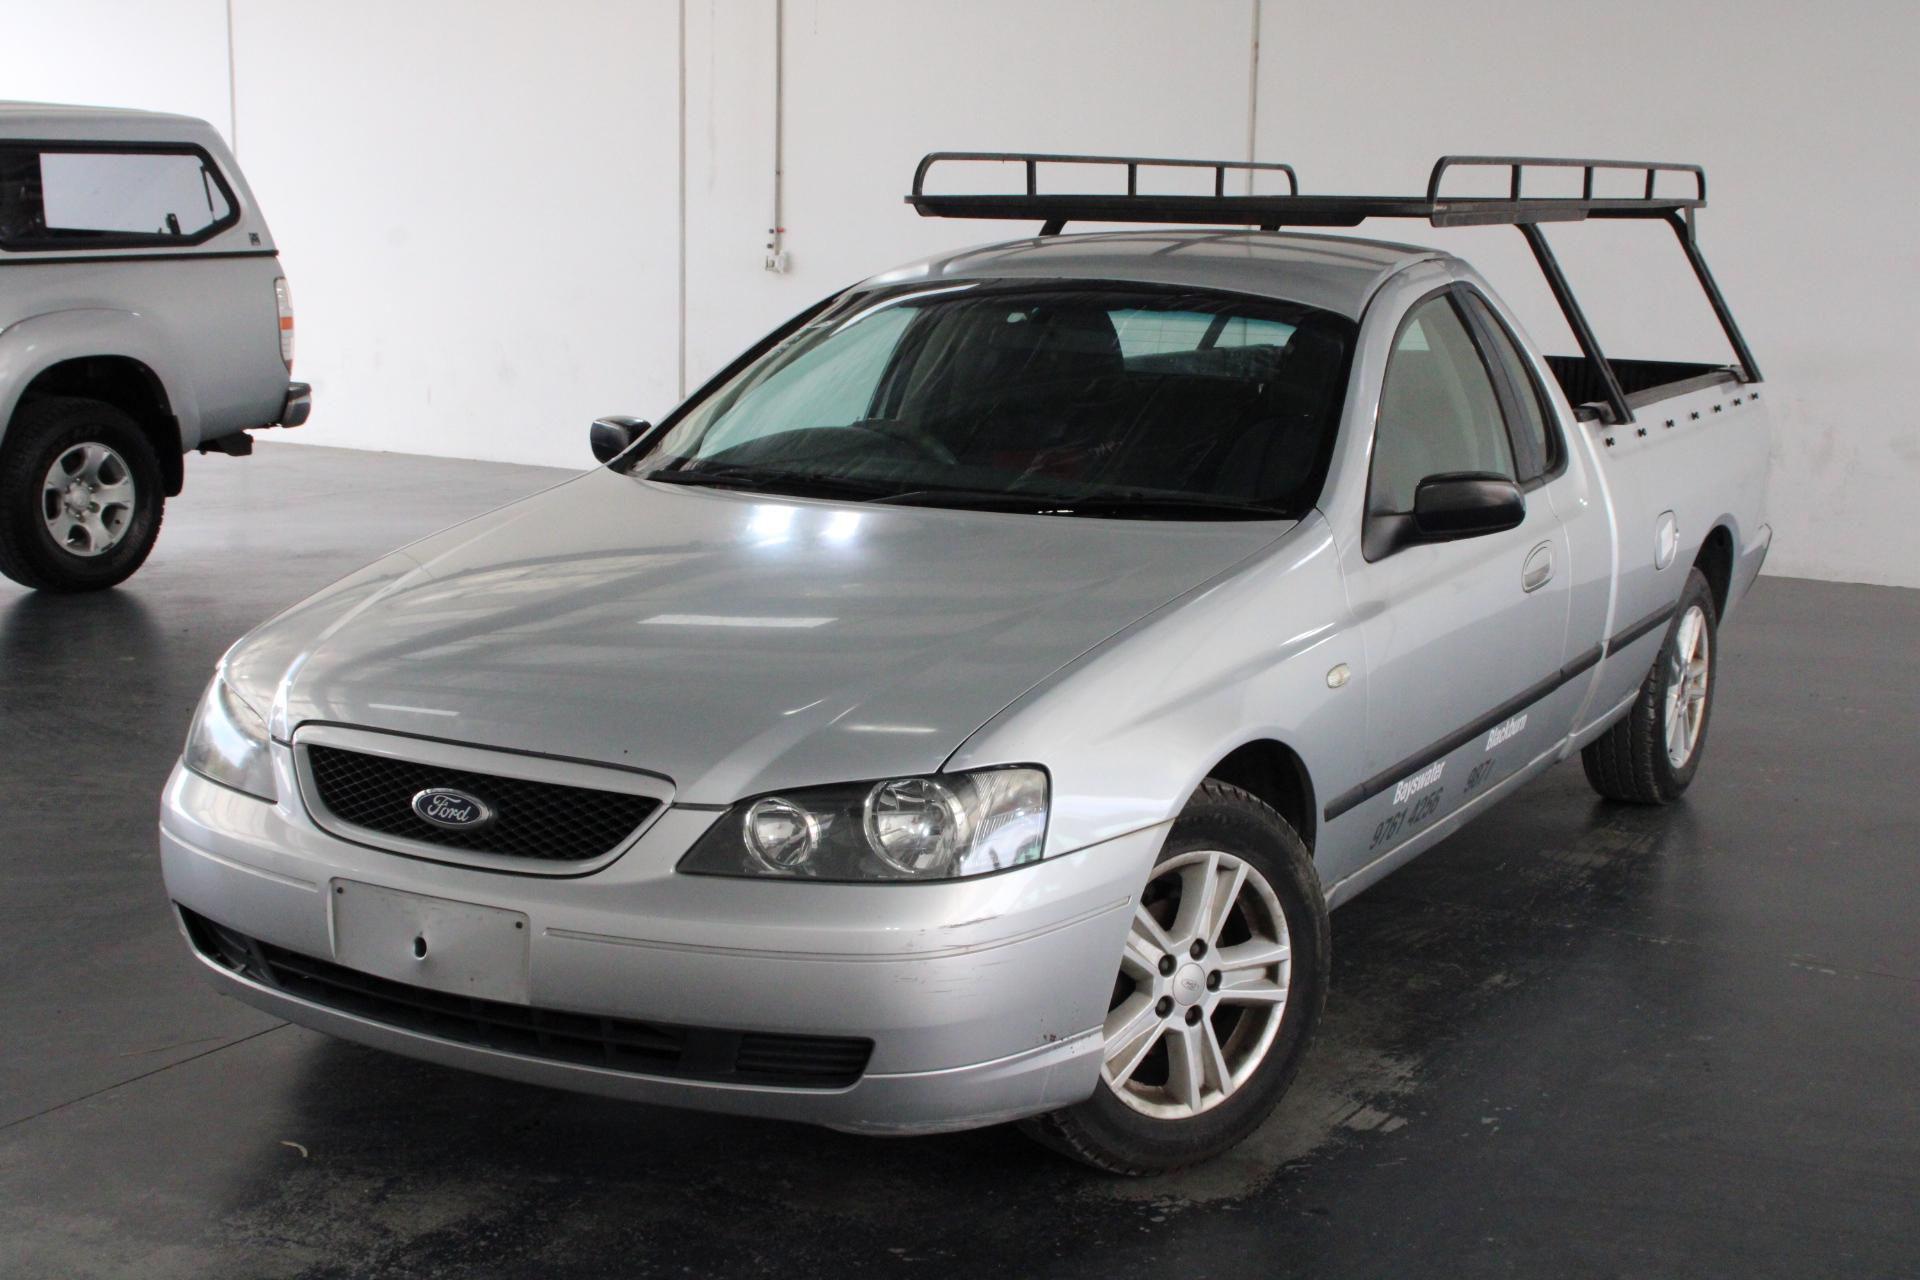 2004 Ford Falcon XL BA Automatic Ute